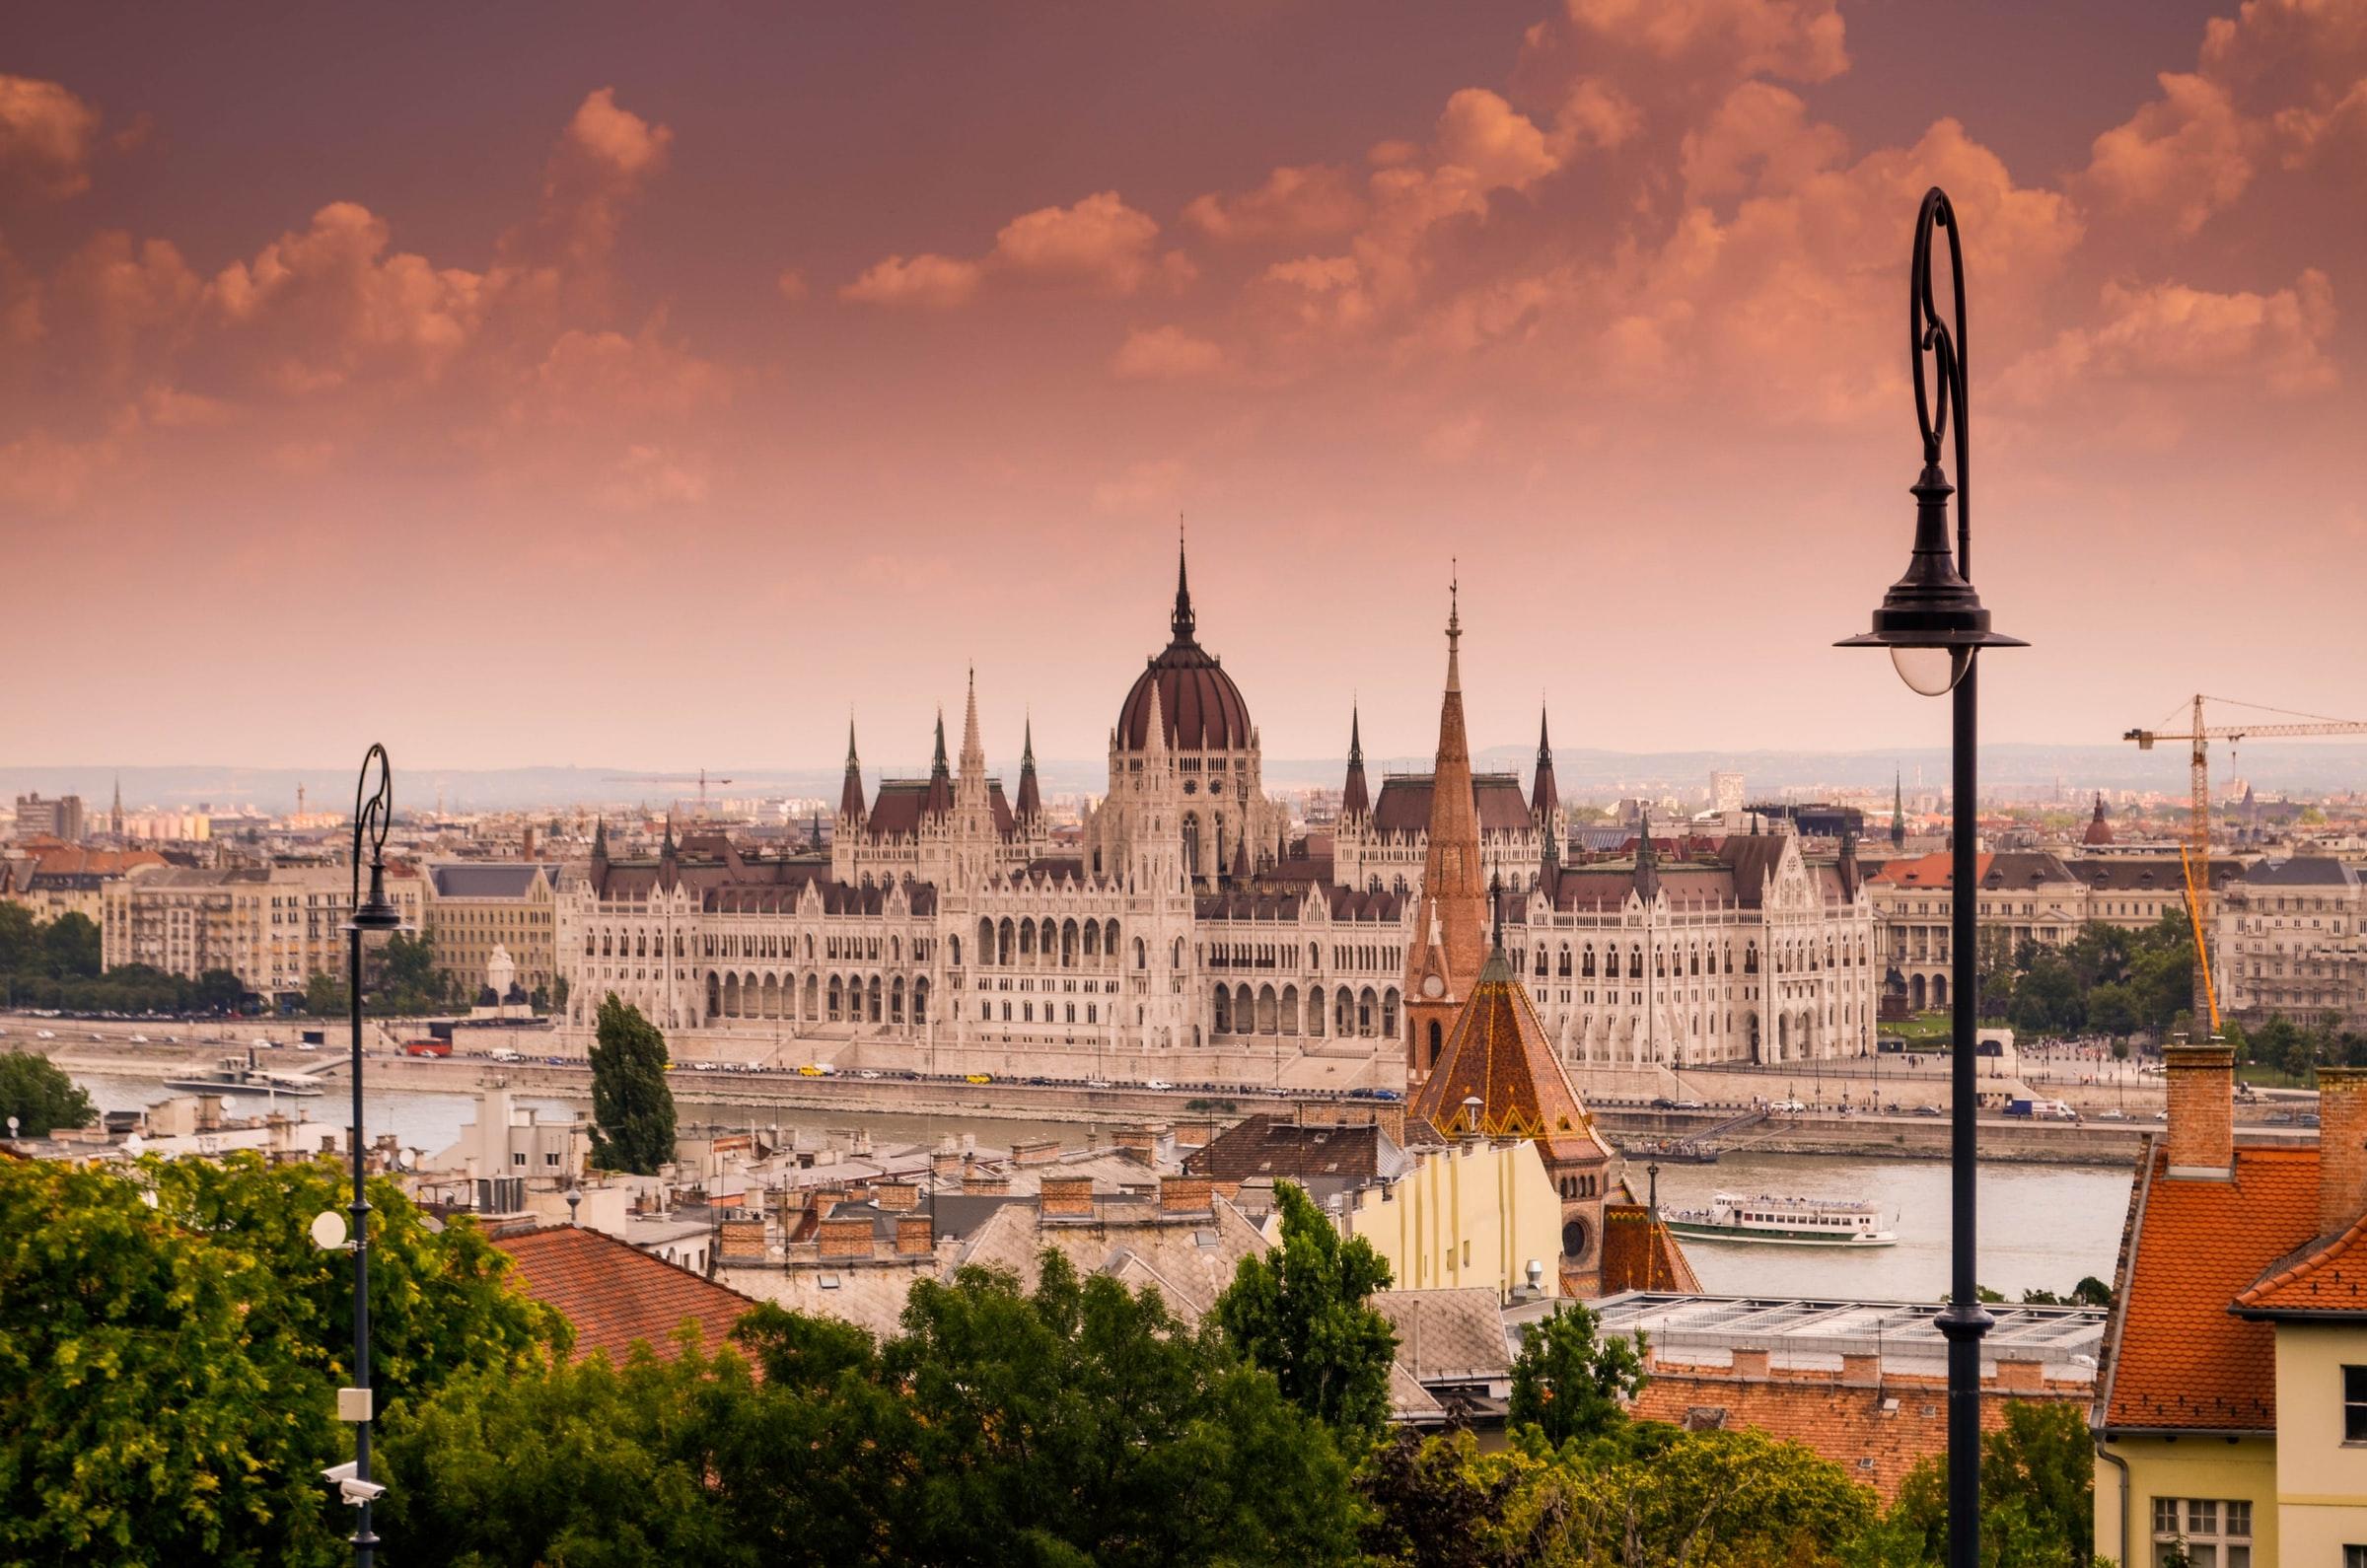 Sziget Festival Ungarn - Budapest, Parlamentsblick von Buda Seite